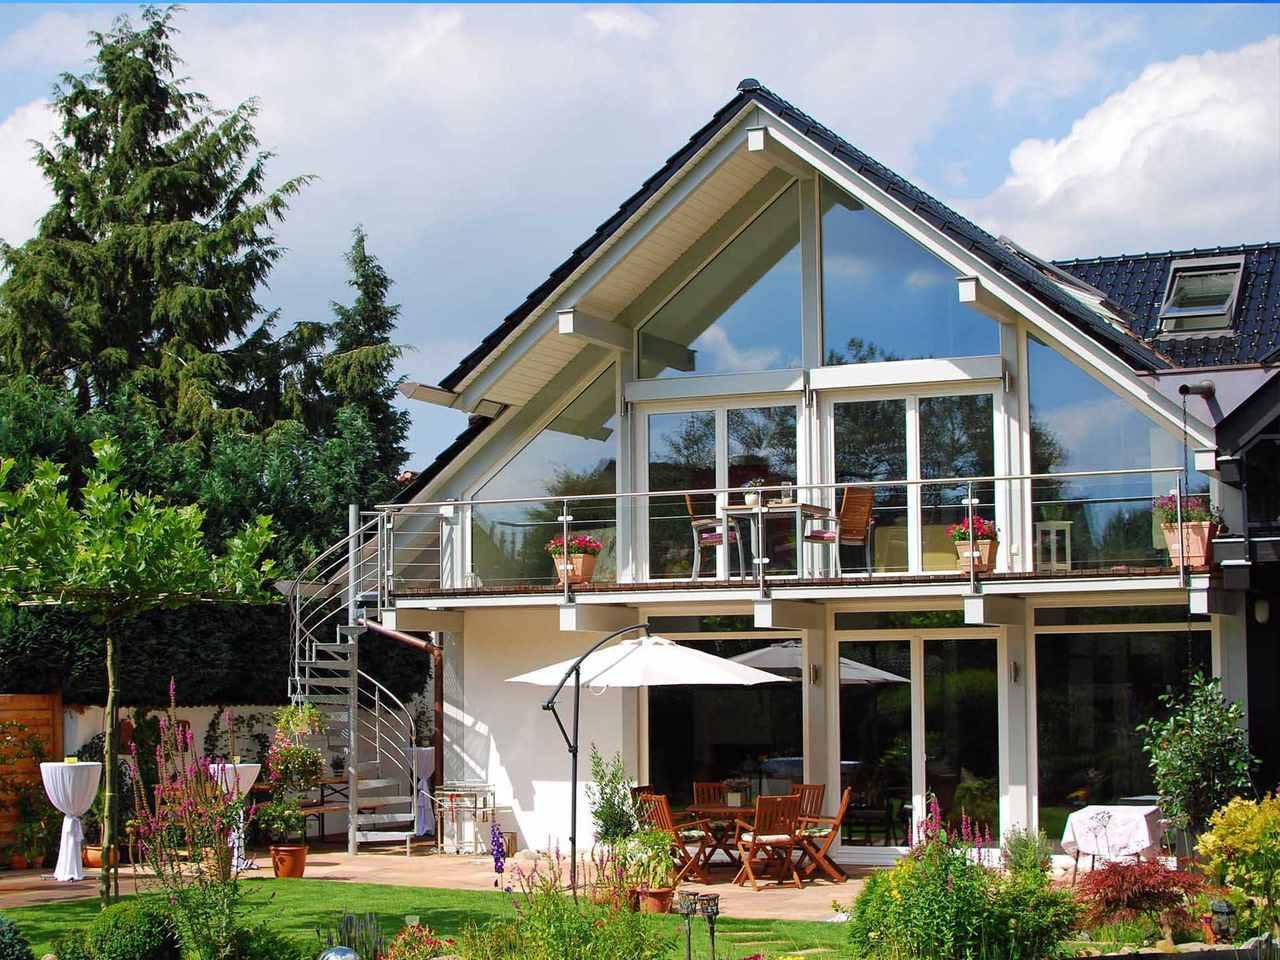 Musterhaus KD-Haus 250 - KD-Haus GmbH